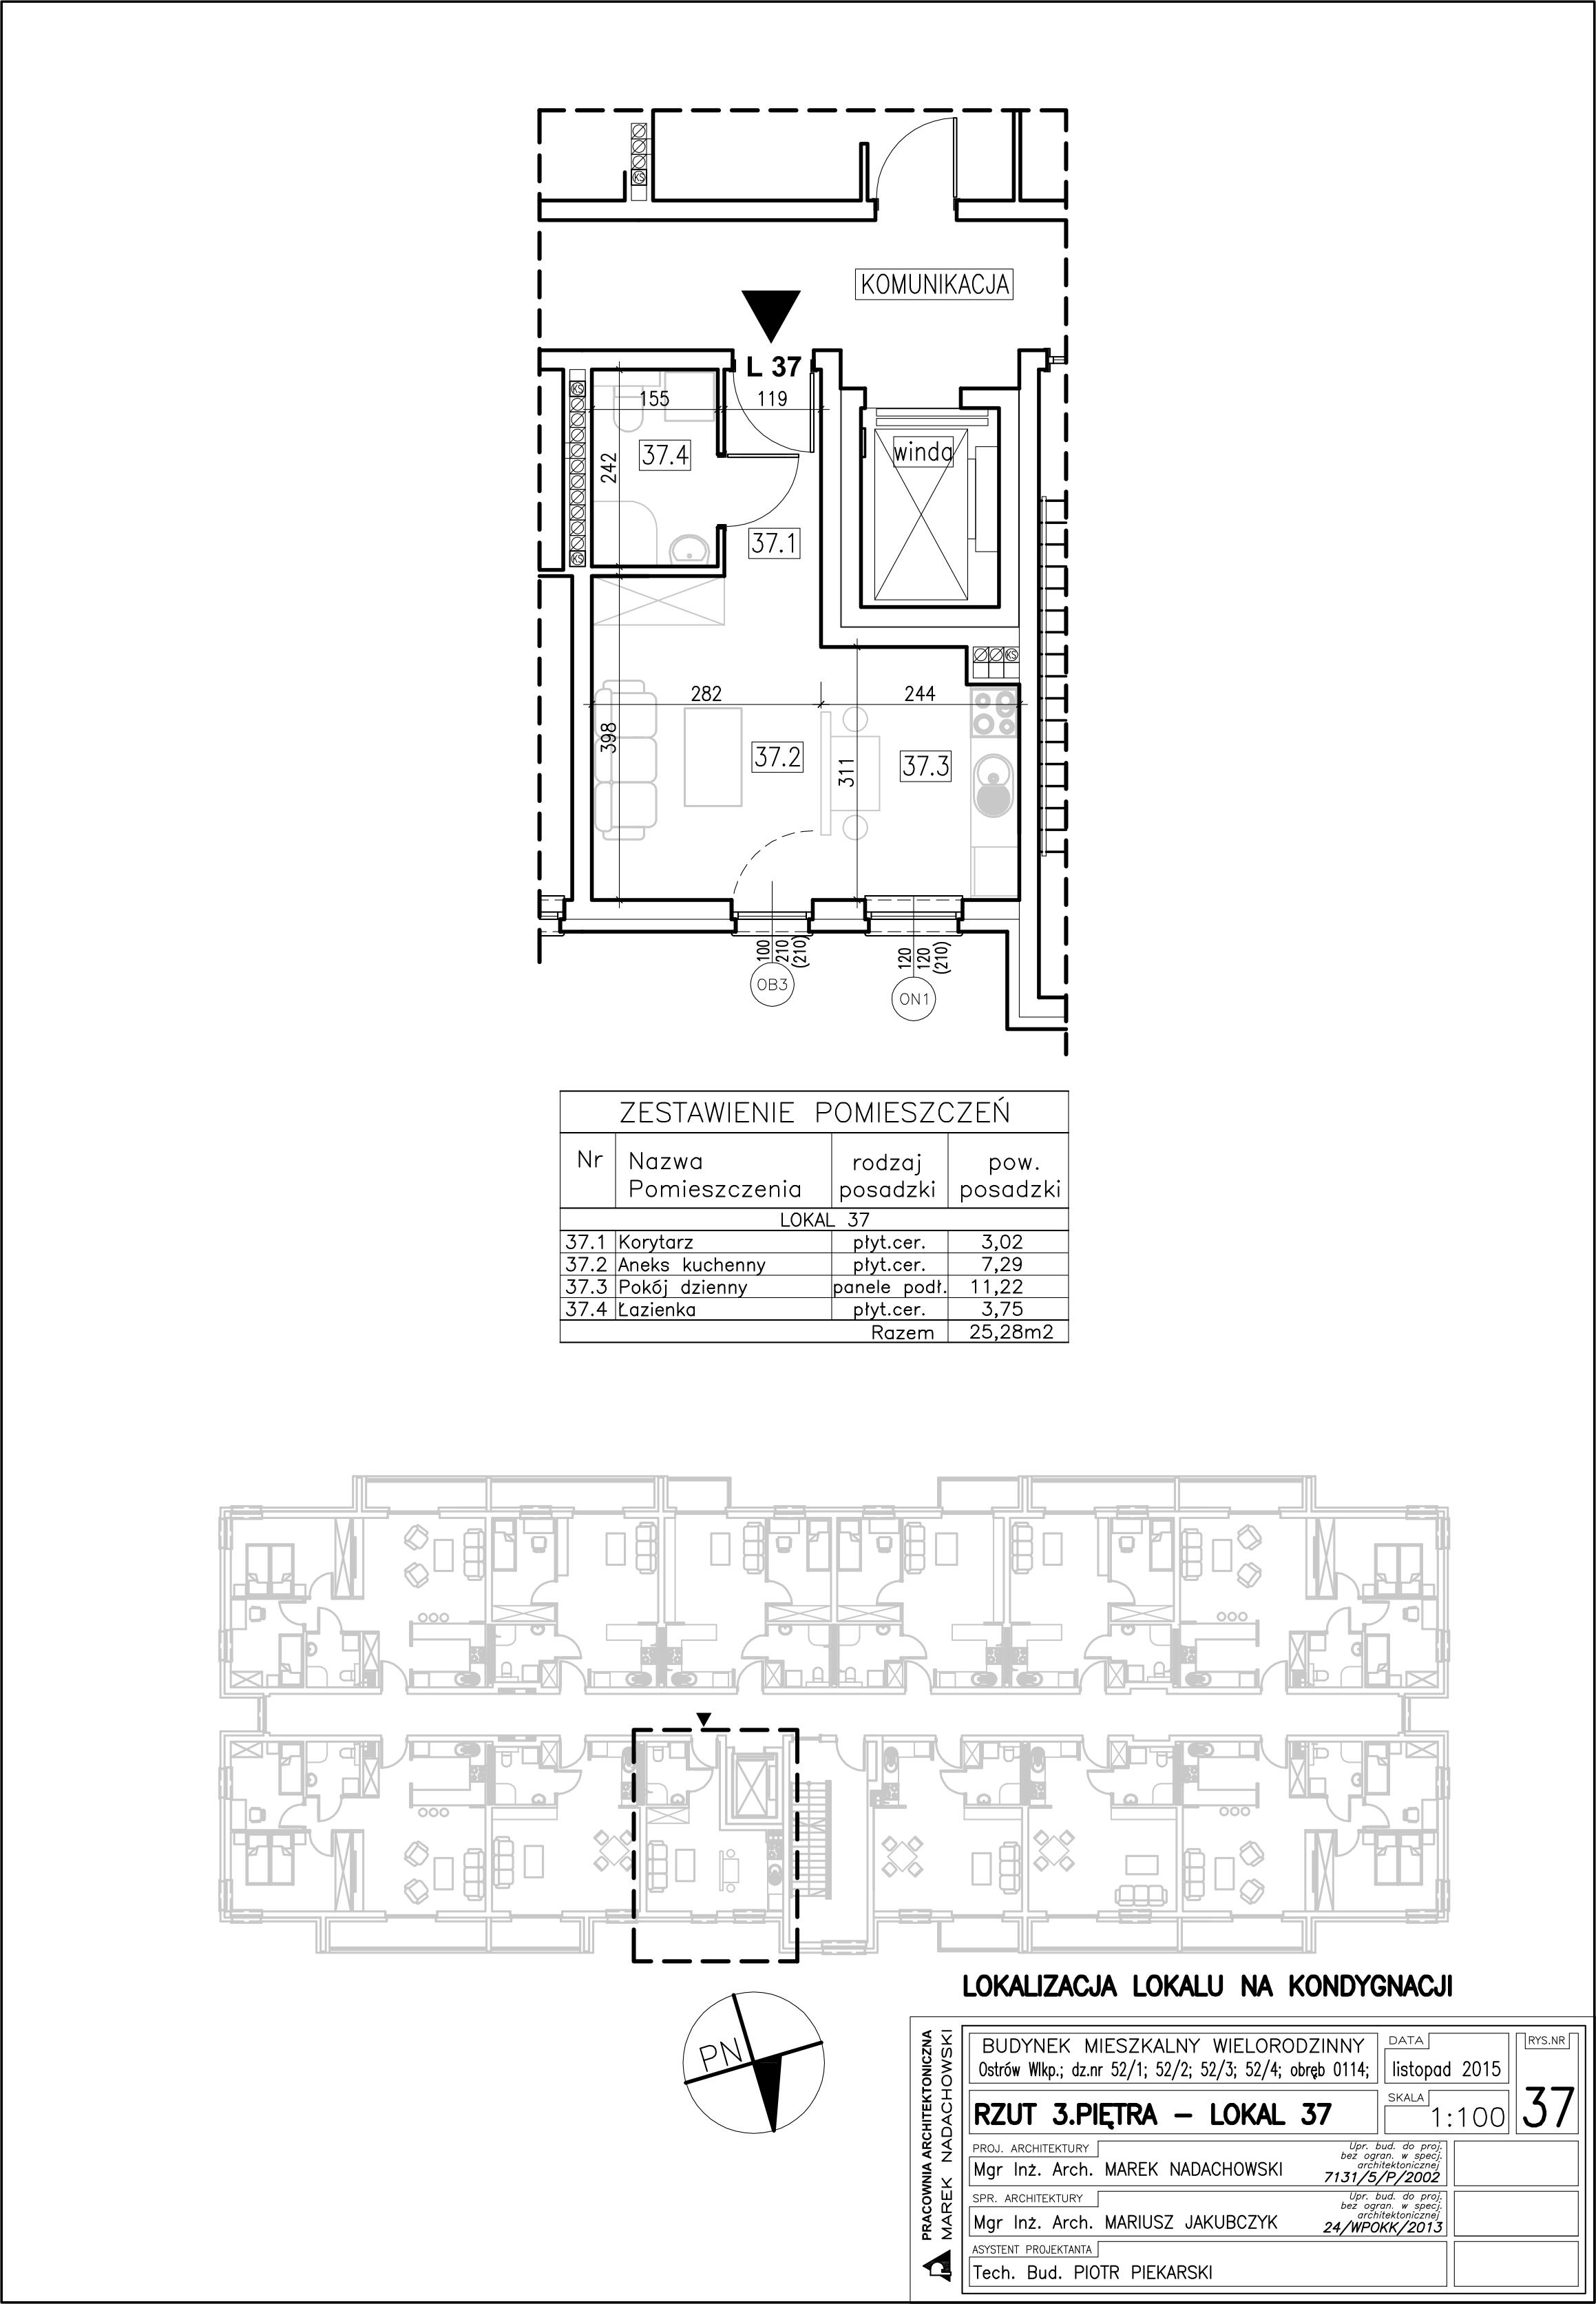 Lokal nr 37 Powierzchnia 25,28 m2